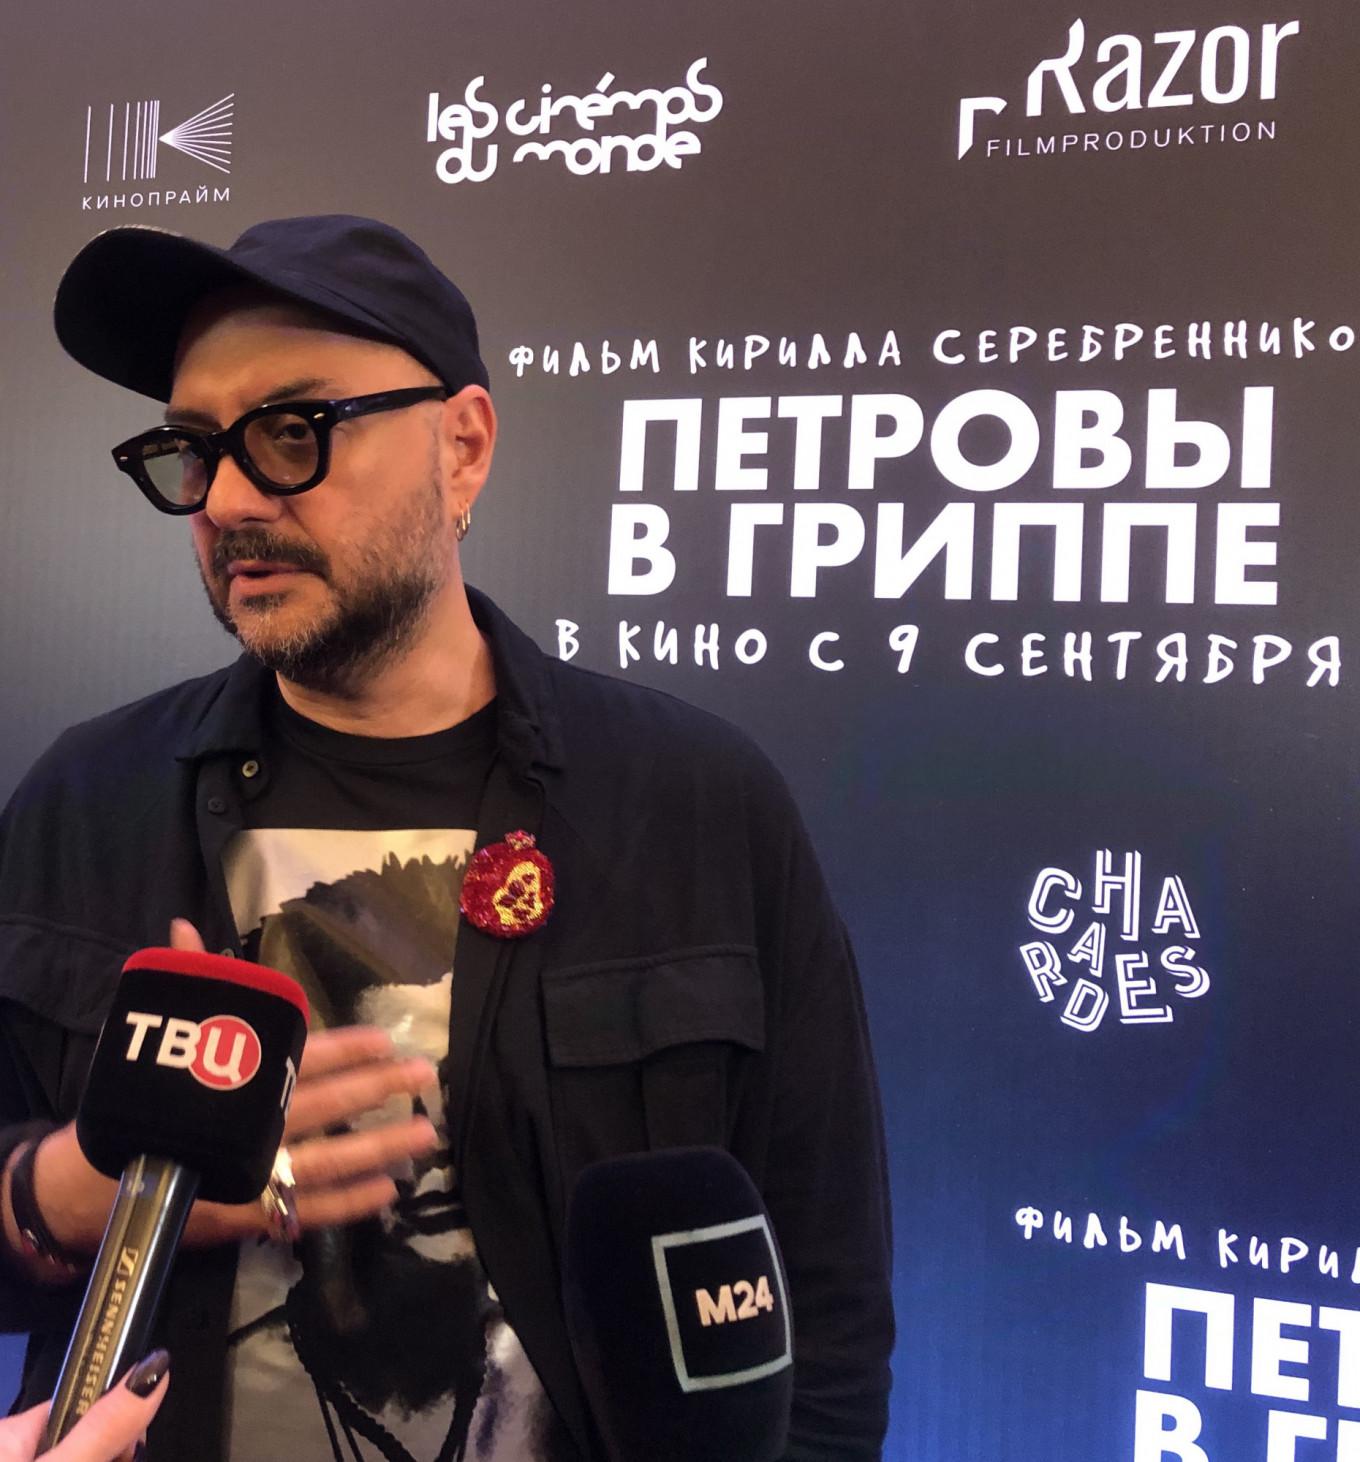 Kirill Serebrennikov Dmitry Vasin / MT